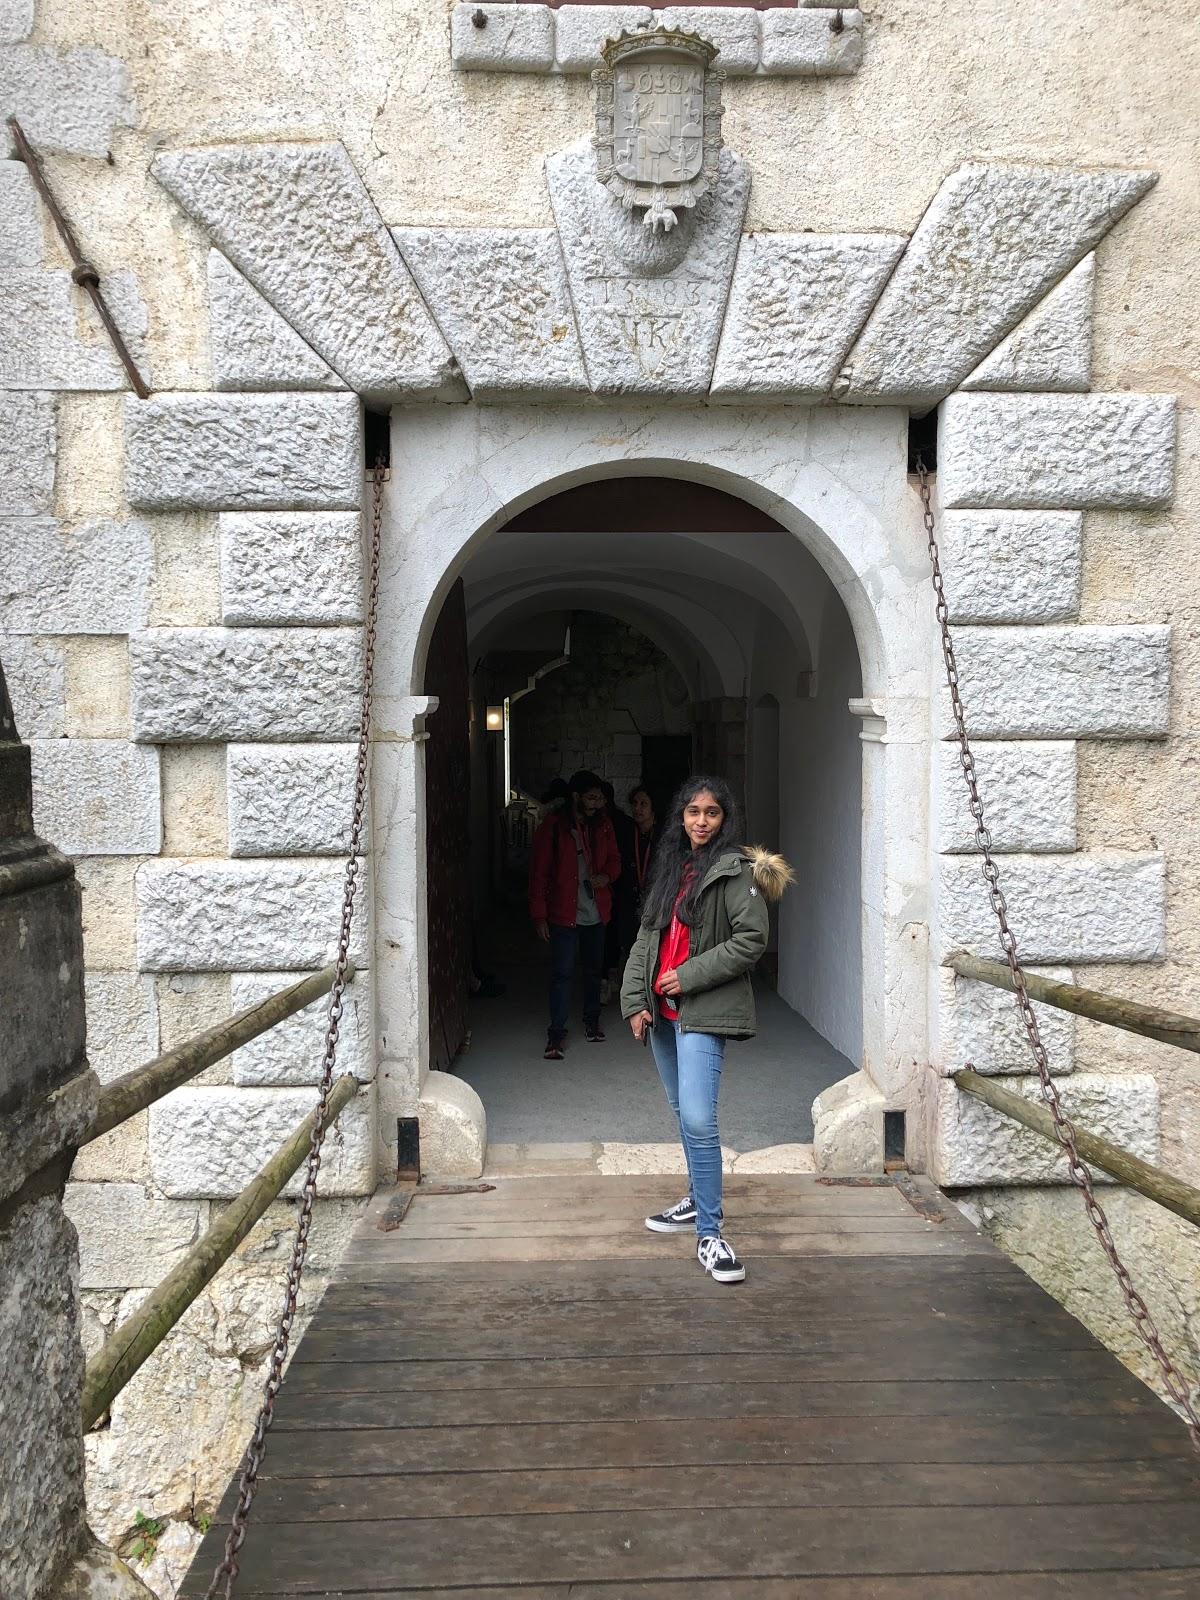 Mini draw bridge in the entrance of the Predjama Castle